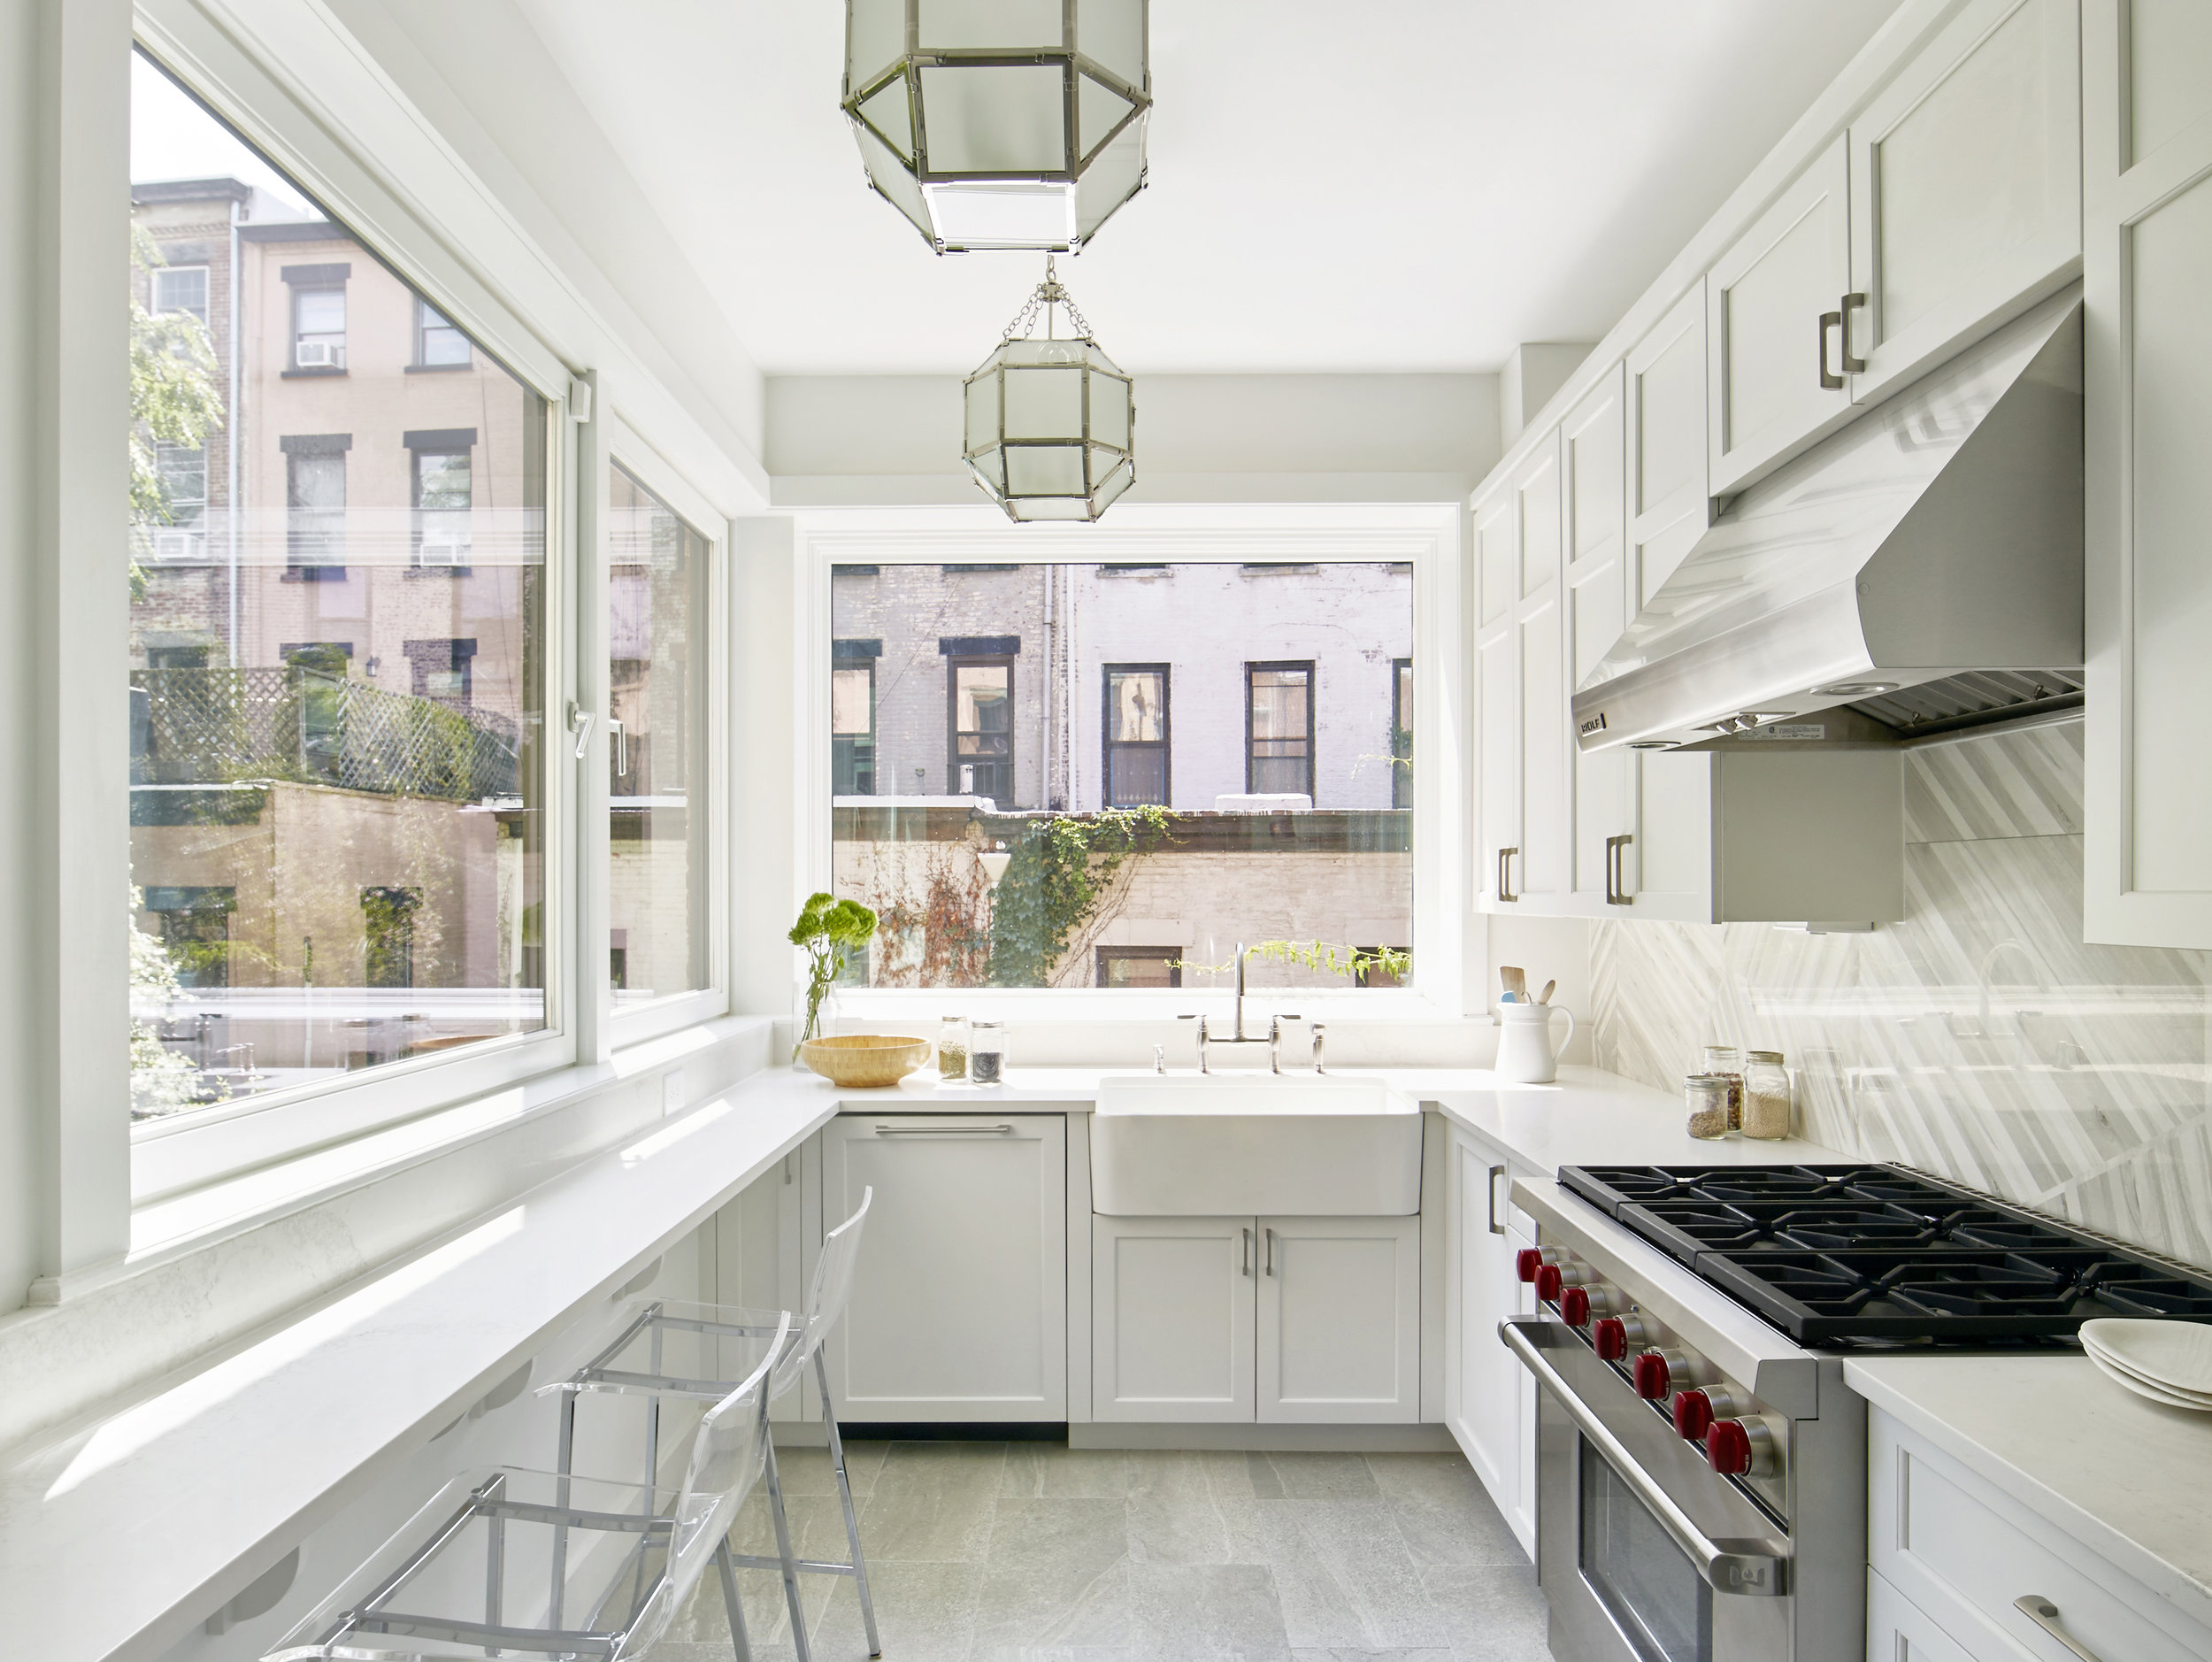 White-Modern-Kitchen-Glass-Pendant-Light-Farmhouse-Sink-JMorris-Design-Interior-Designer-Brooklyn-New-York-Online.jpg